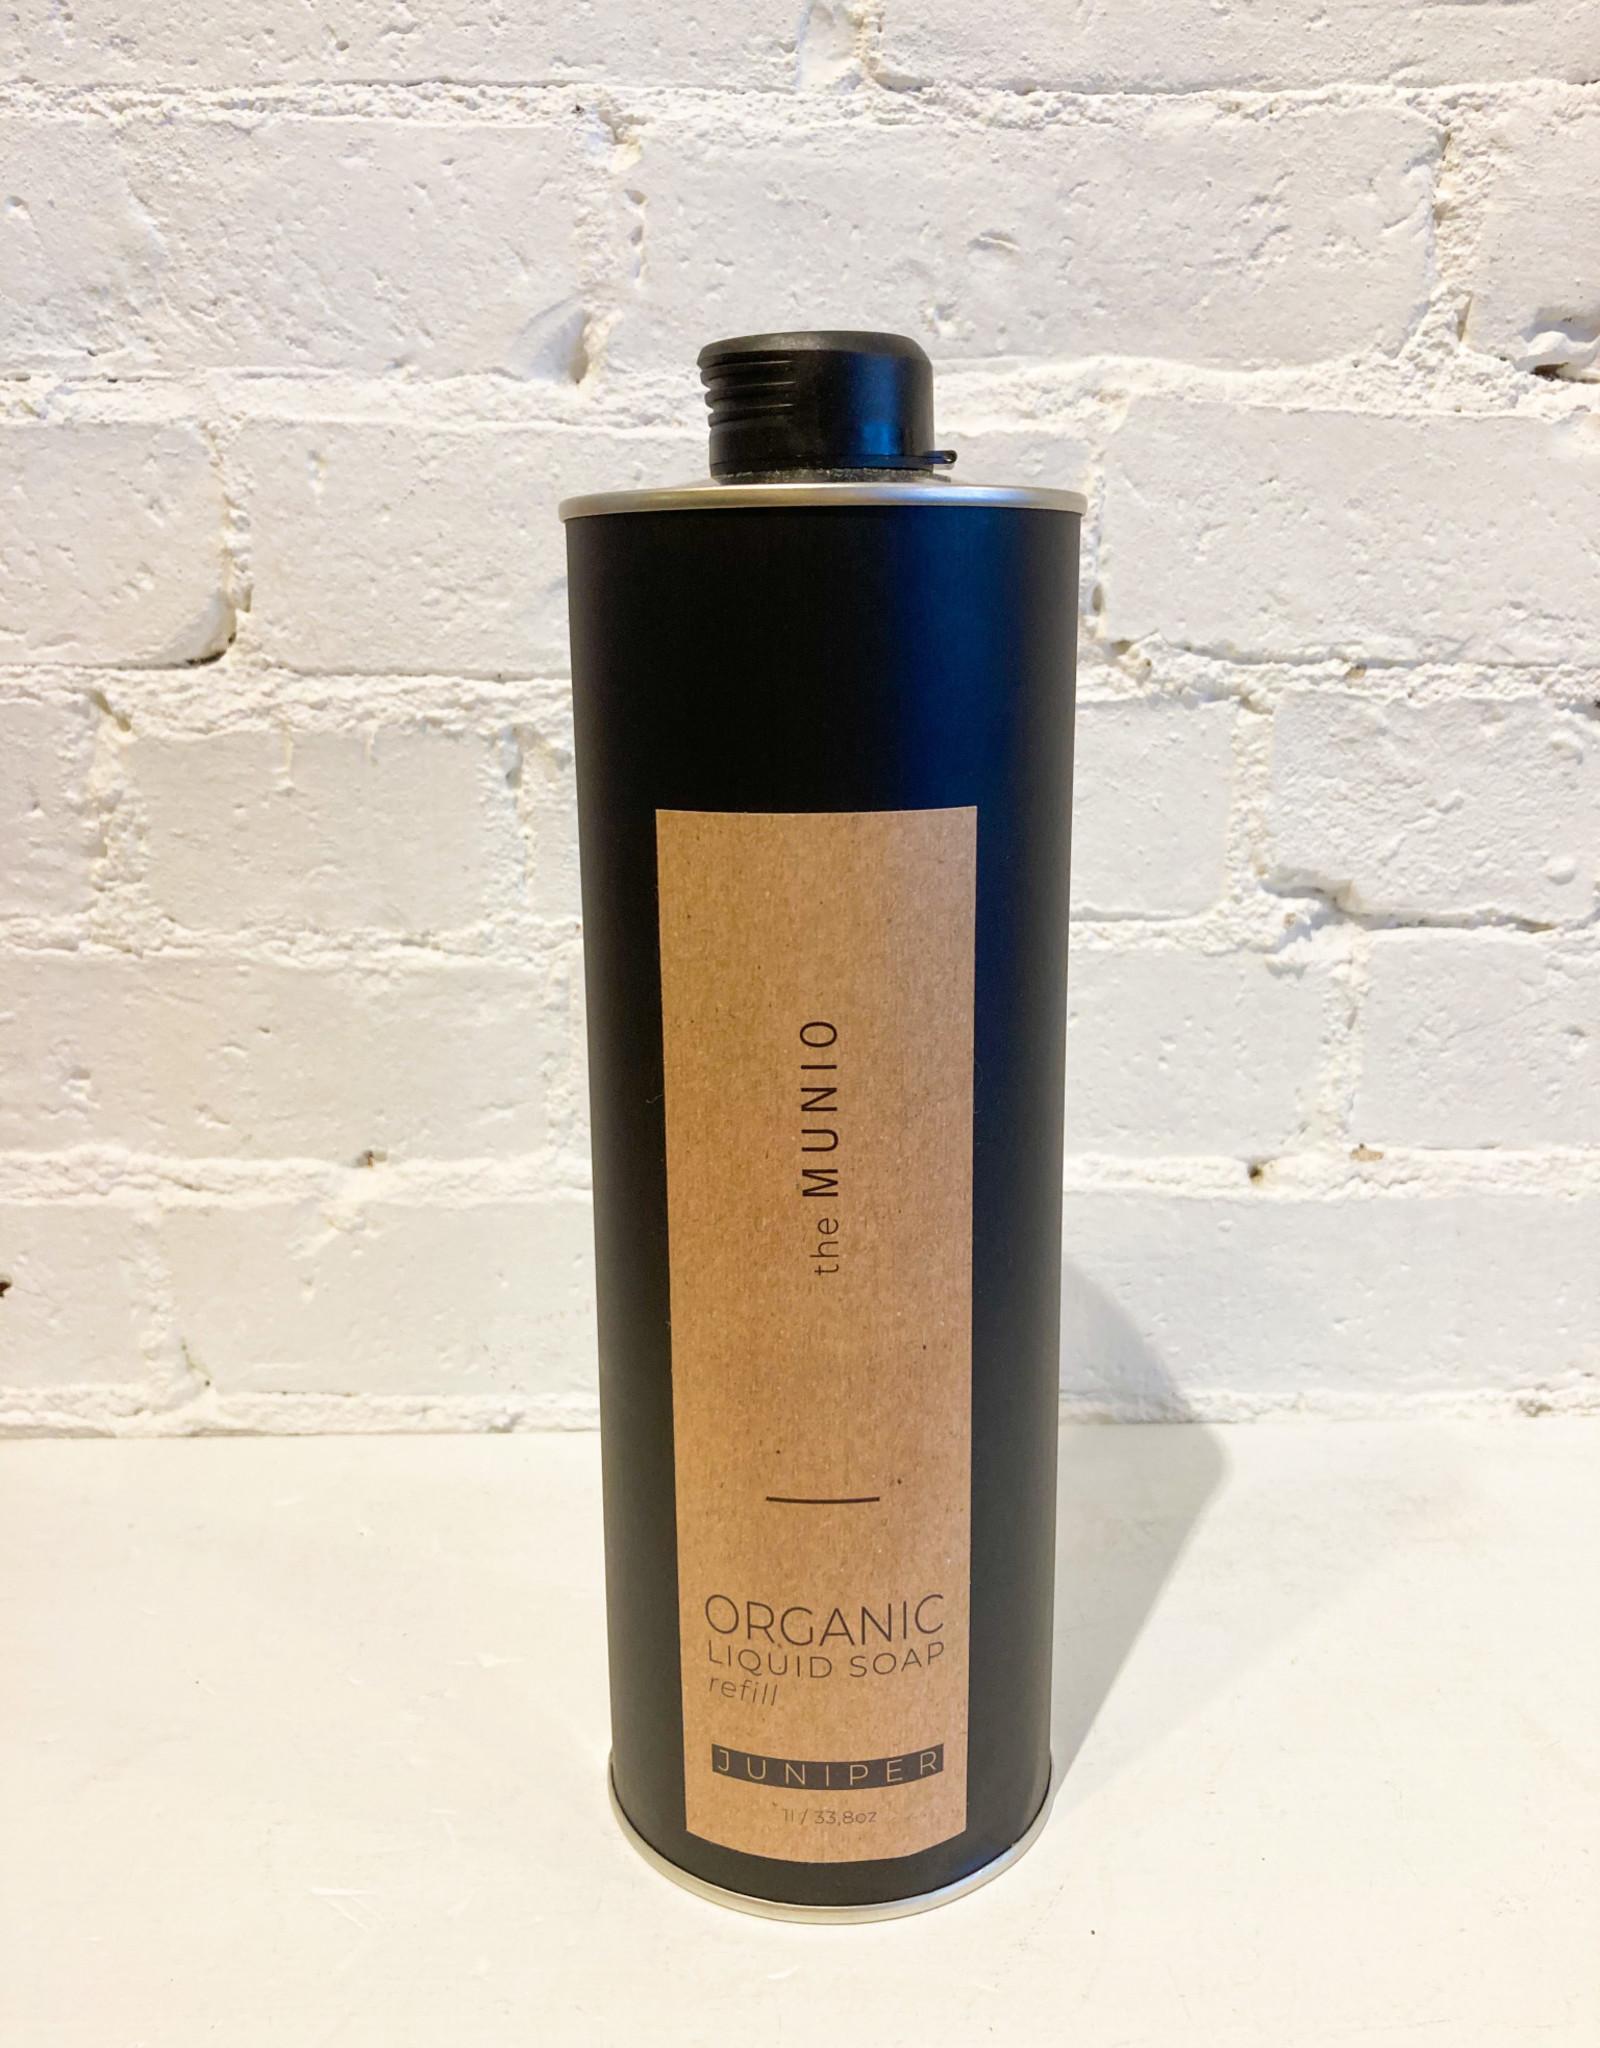 The Munio Organic Liquid Soap Refill- Juniper